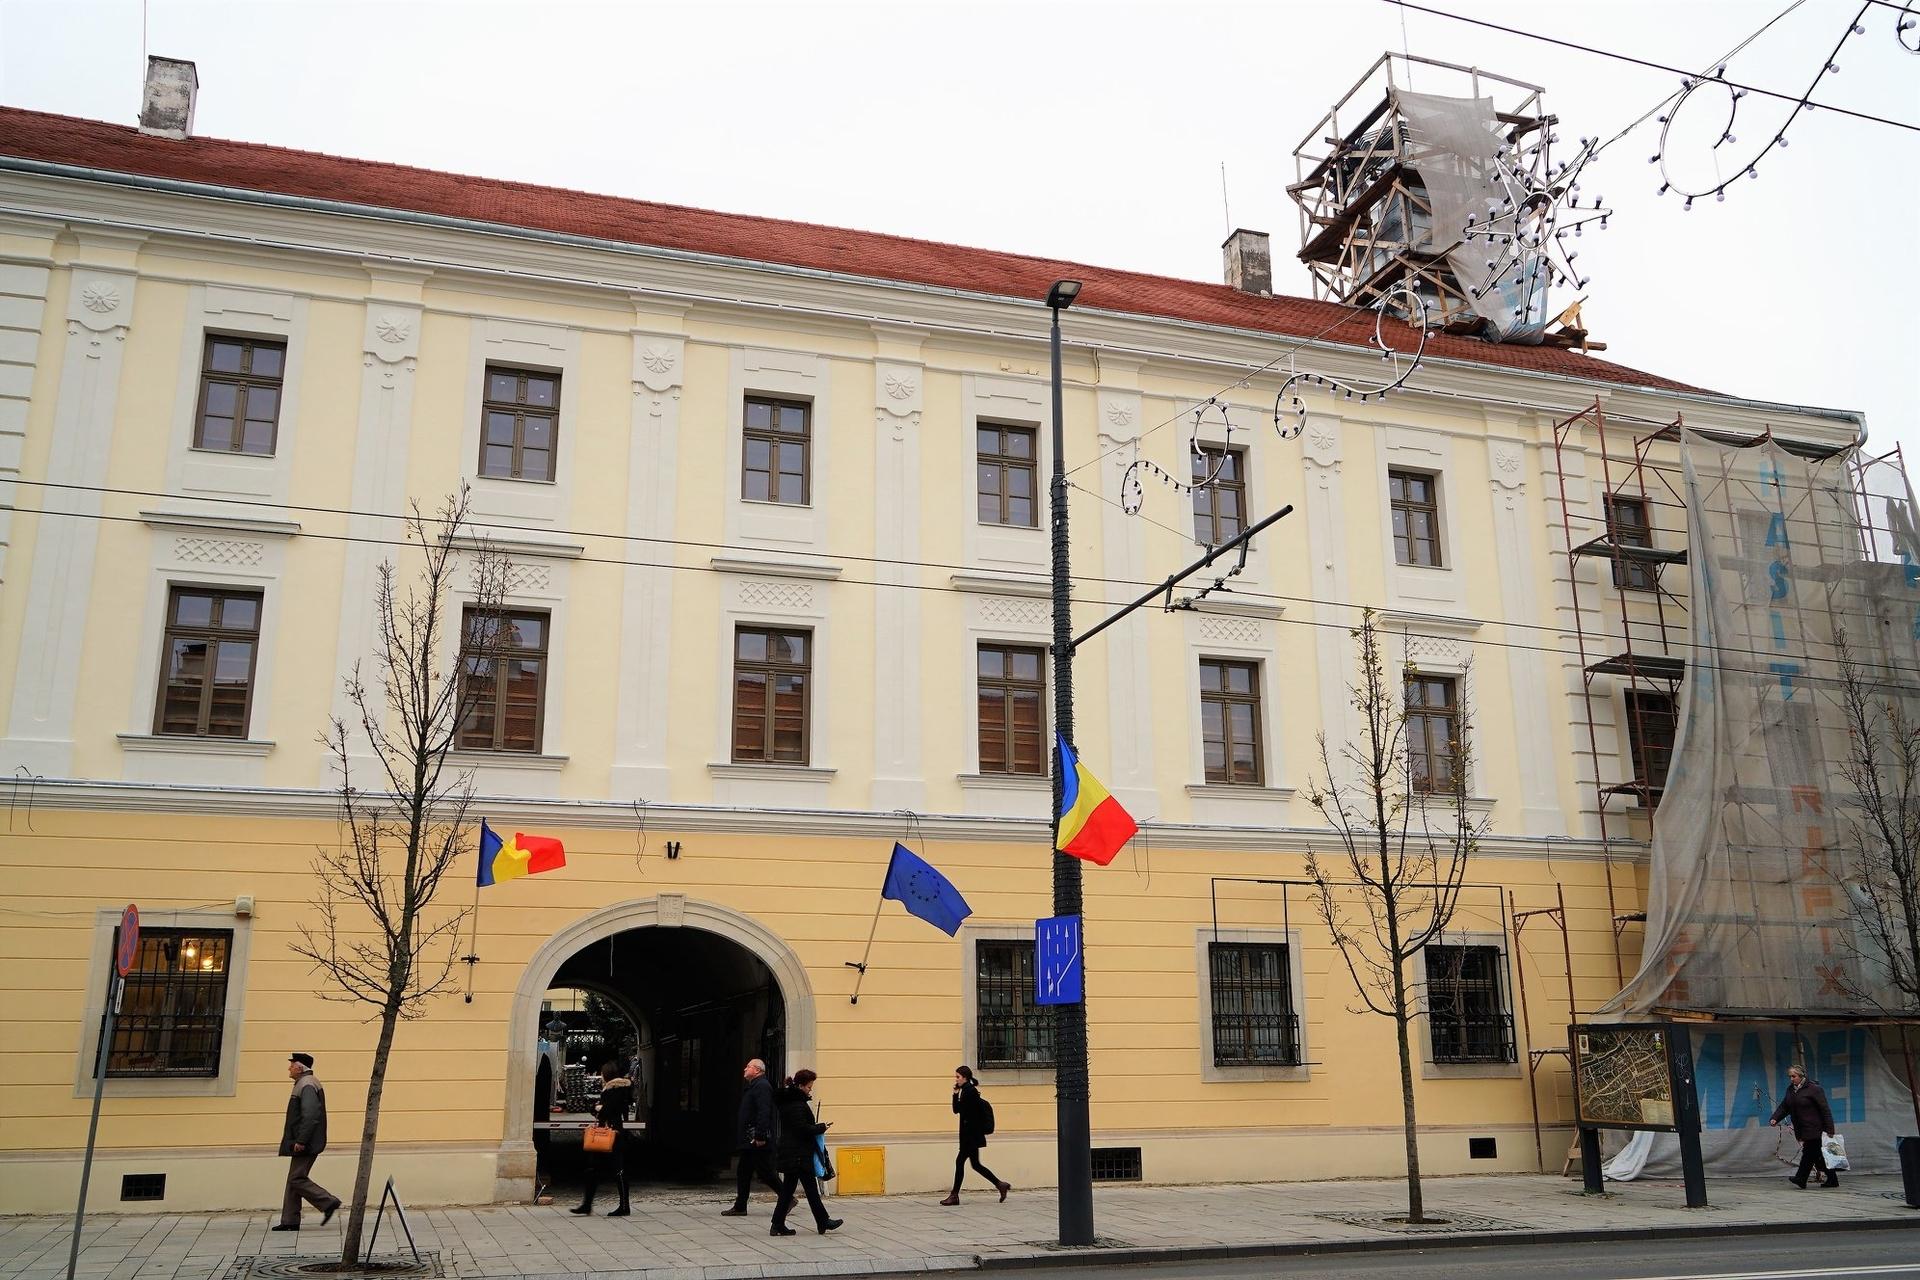 Vizitatori din toate colțurile lumii, atrași de muzeele clujene. Cel mai vizitat, Muzeul Etnografic, cu aproape 68.000 de persoane care i-au trecut pragul în 2018